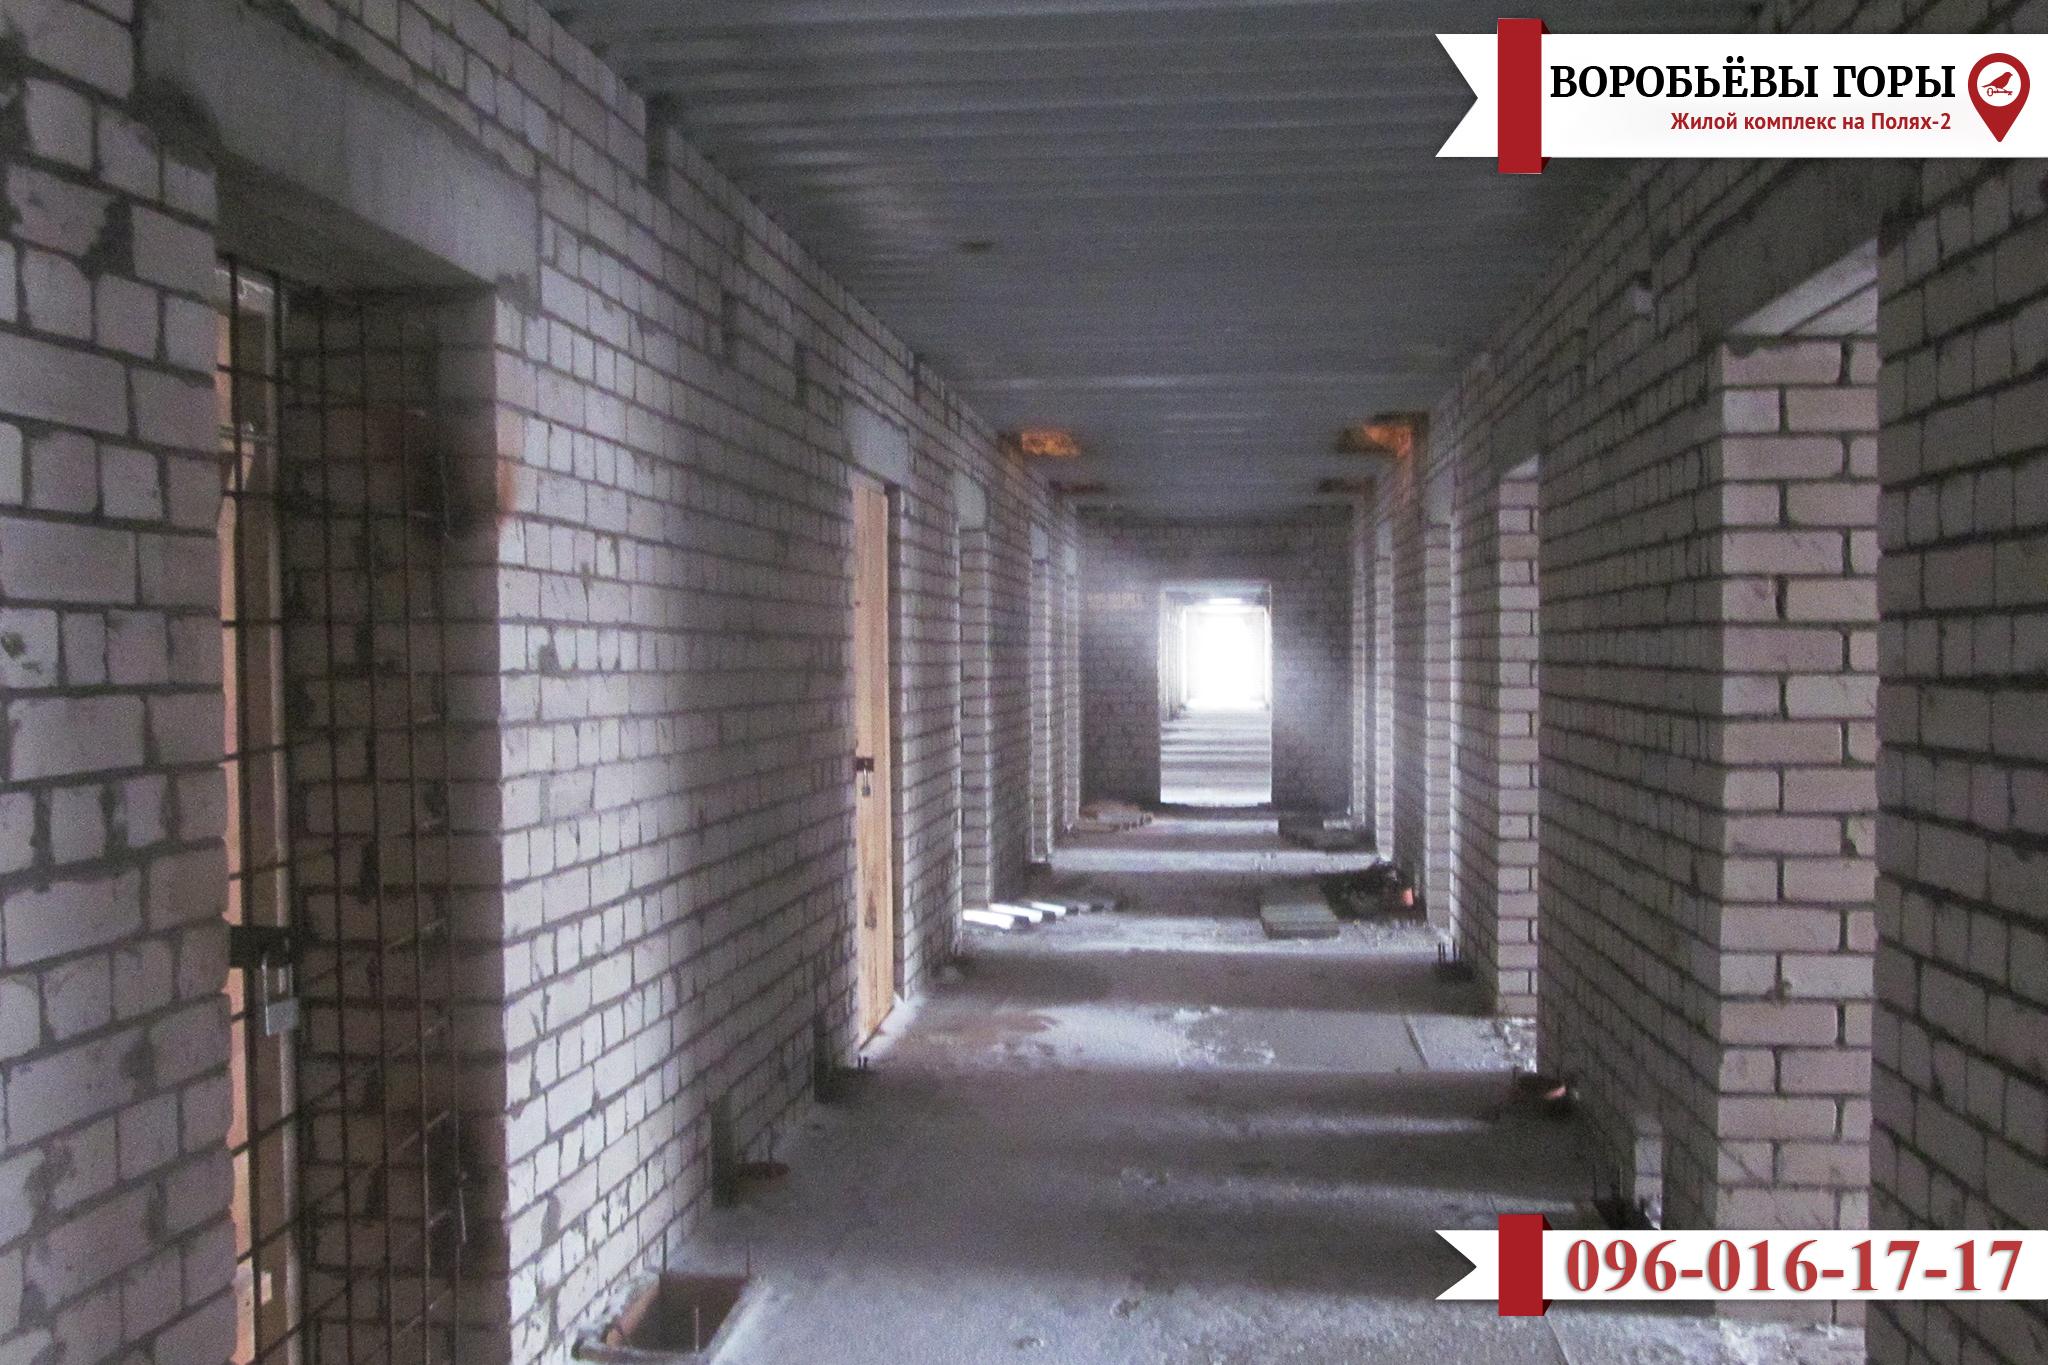 Как идет строительство ЖК «Воробьевы Горы на Полях»?